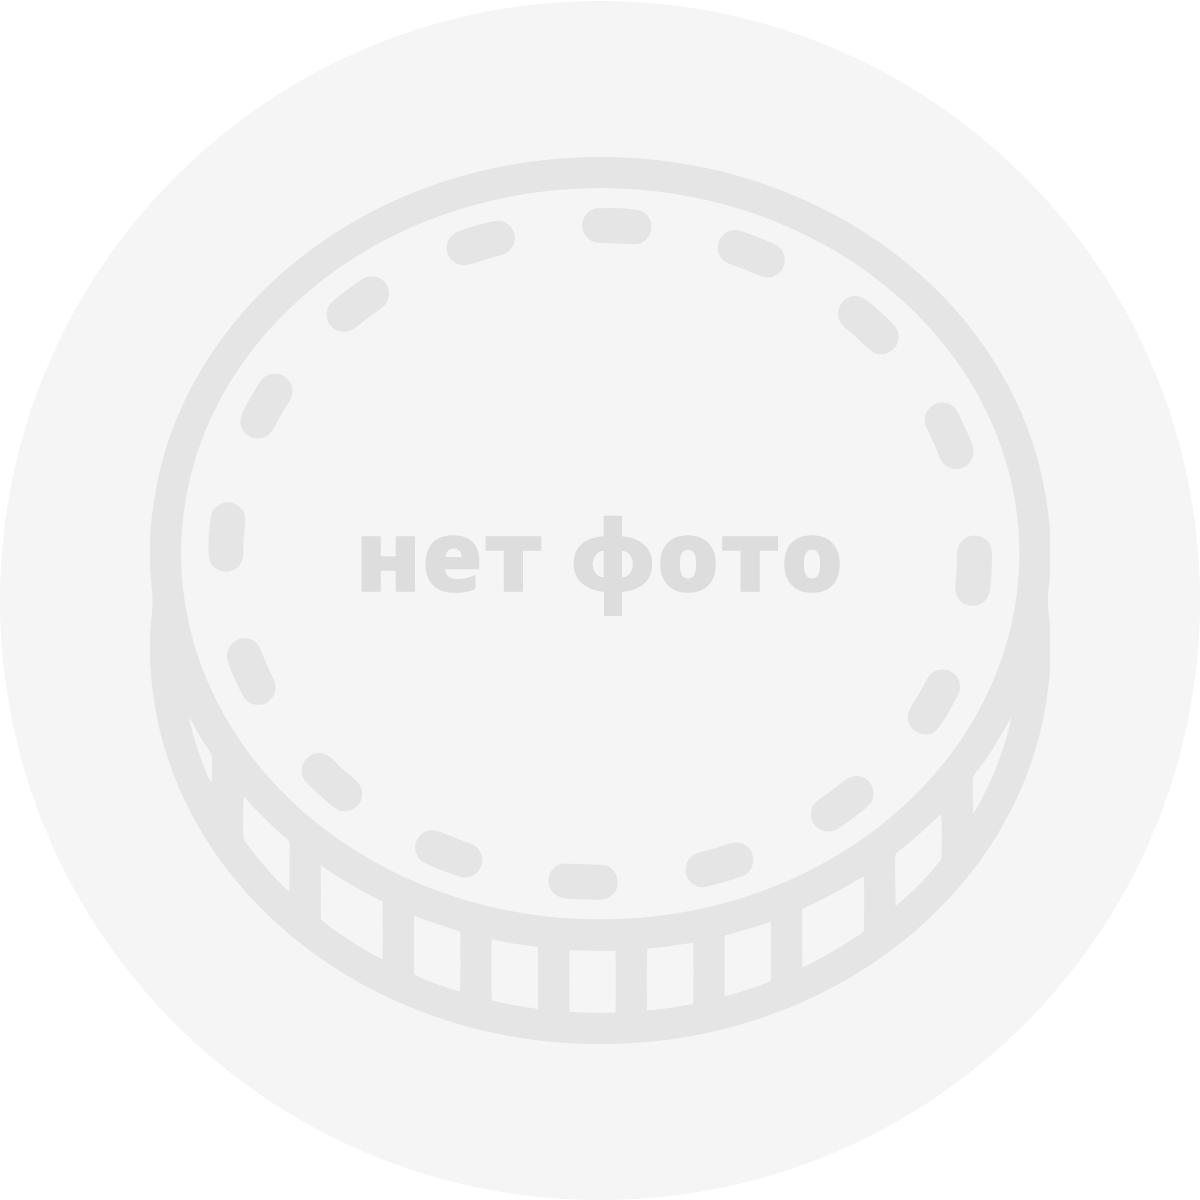 """The coin """"The XVI FINA World Championships 2015 in Kazan""""."""